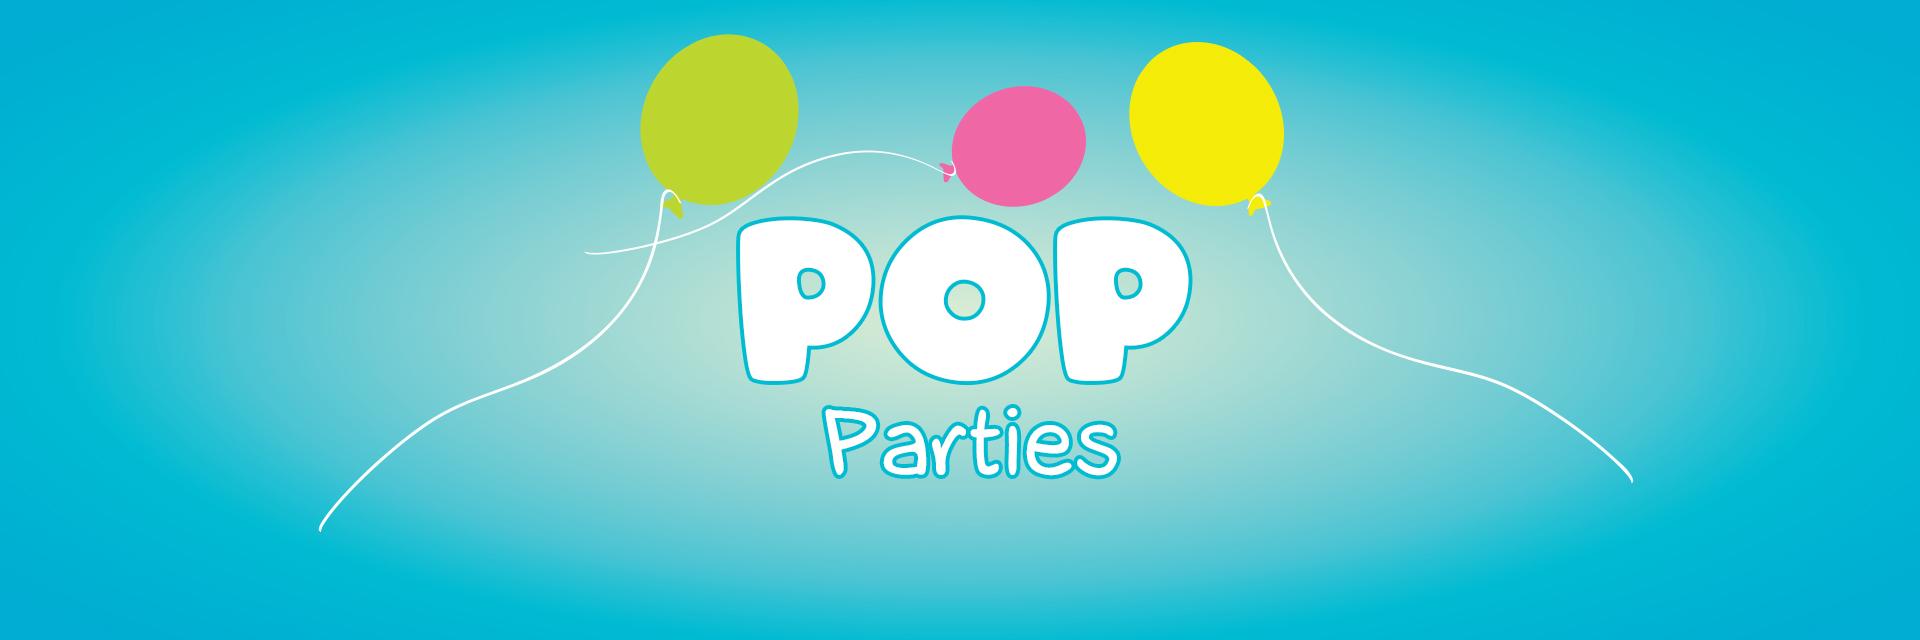 Pop Parties